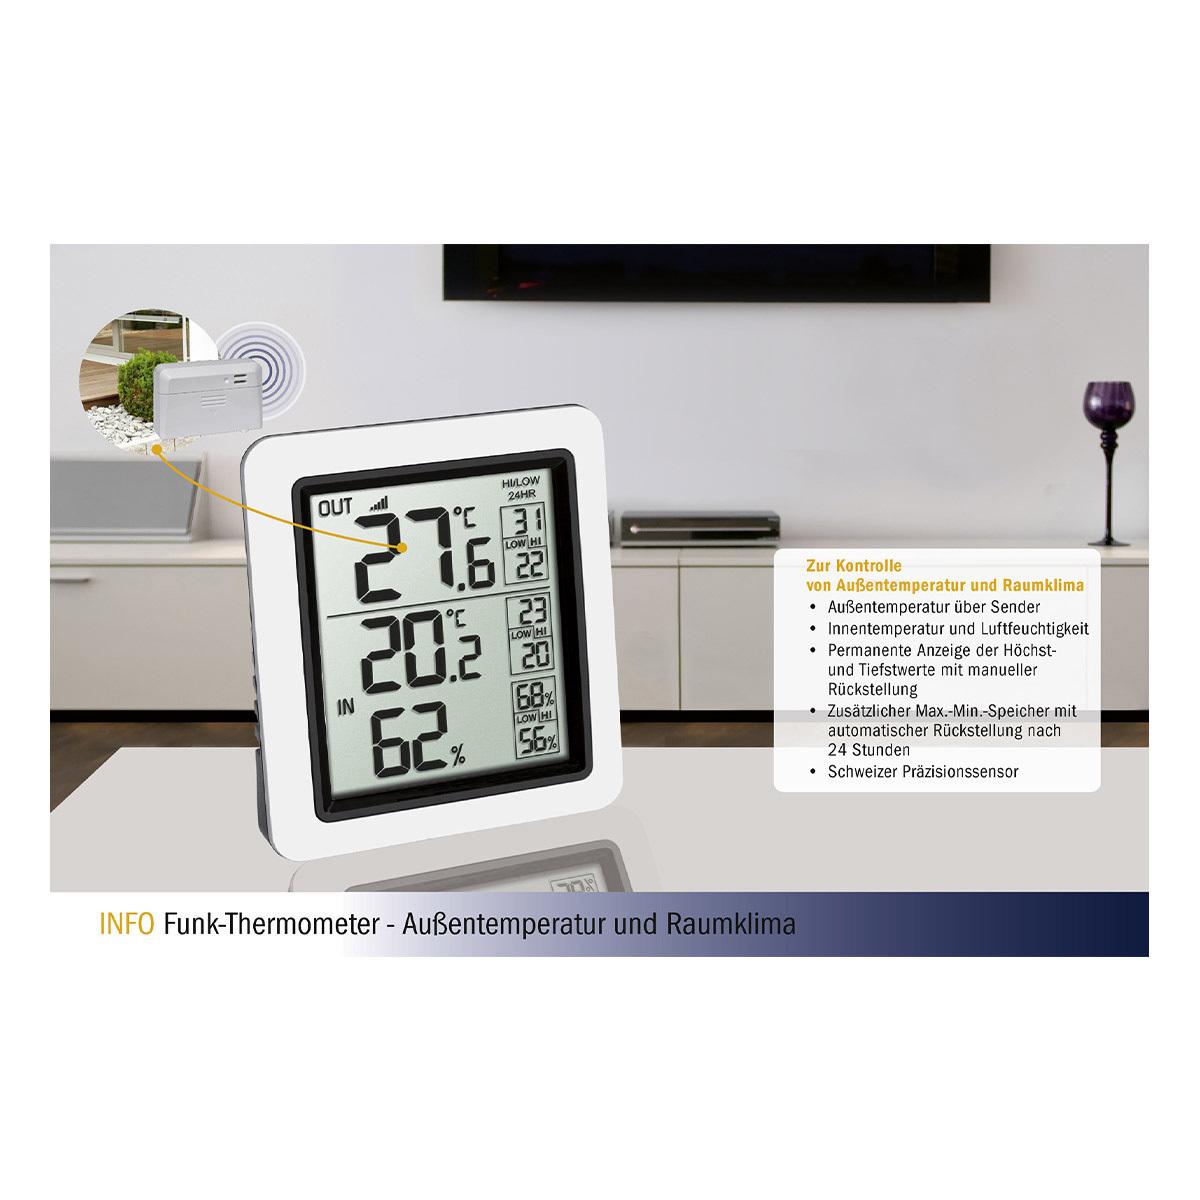 30-3065-02-funk-thermometer-info-vorteile-1200x1200px.jpg